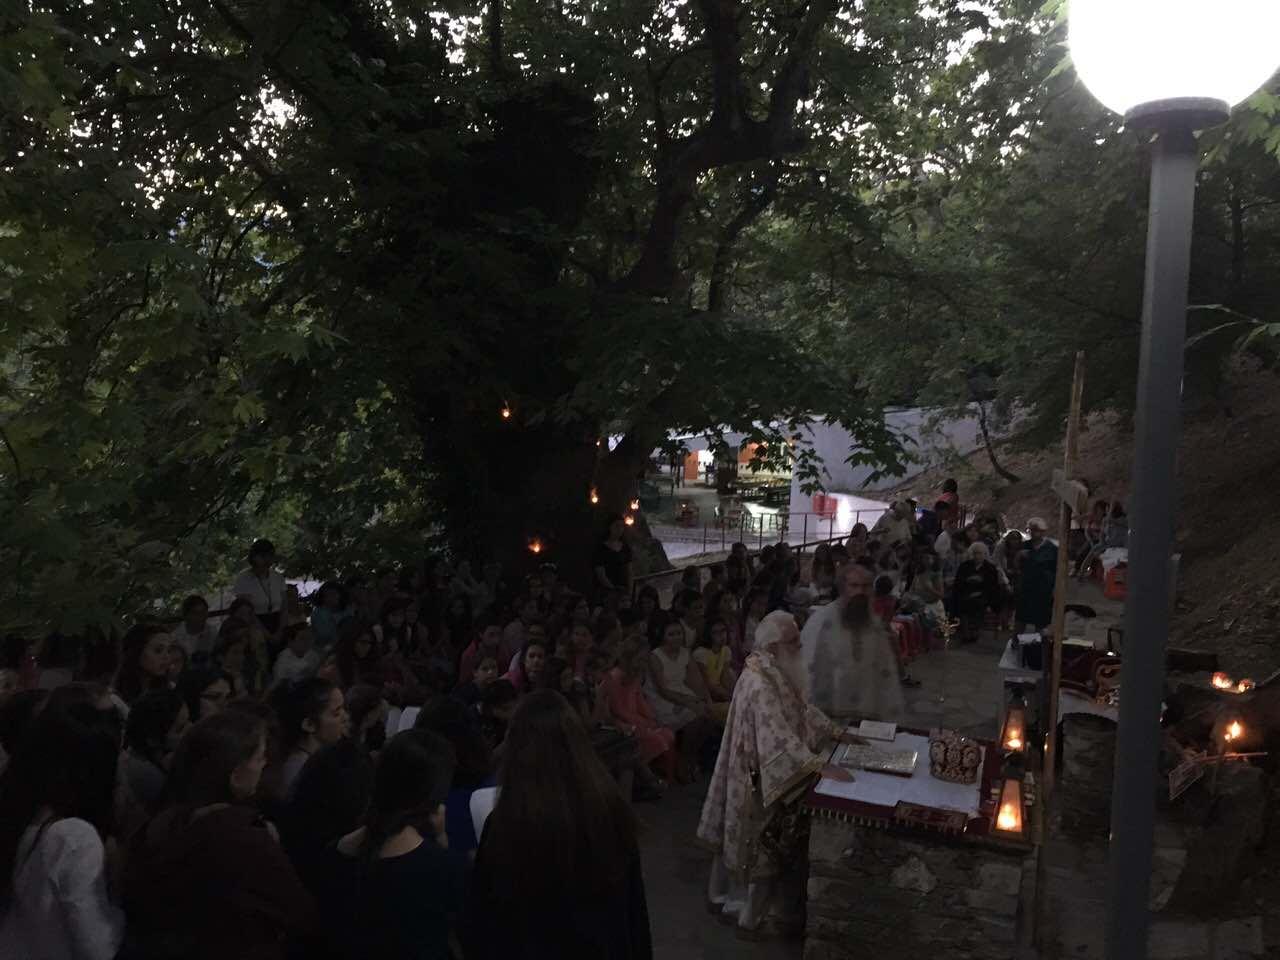 2017_09_07_leitoyrgia_kataskinosi-9